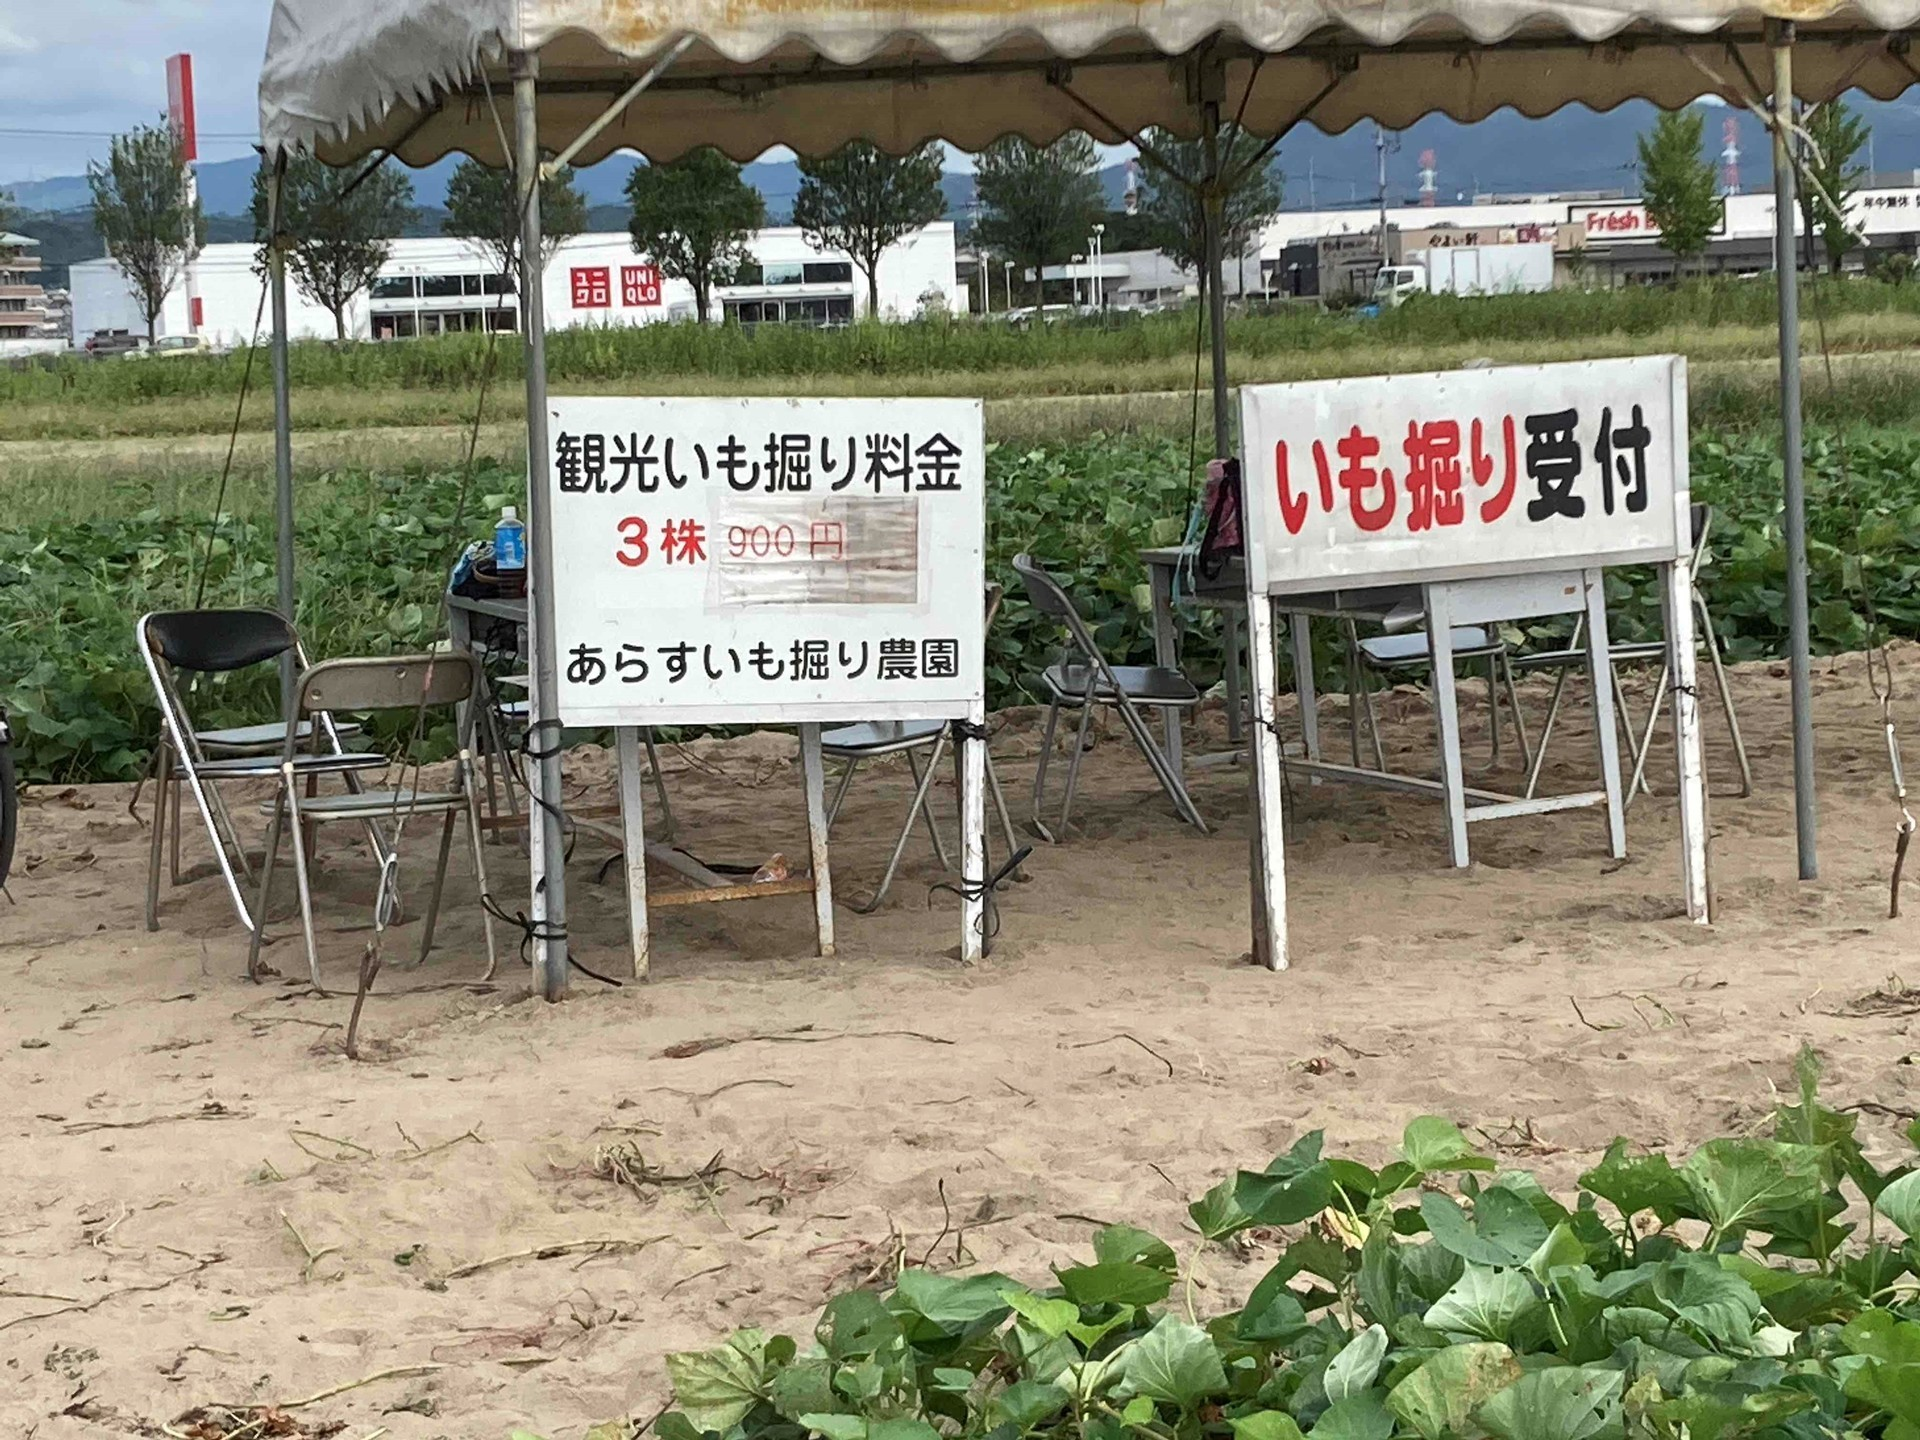 あらす観光いも掘り農園